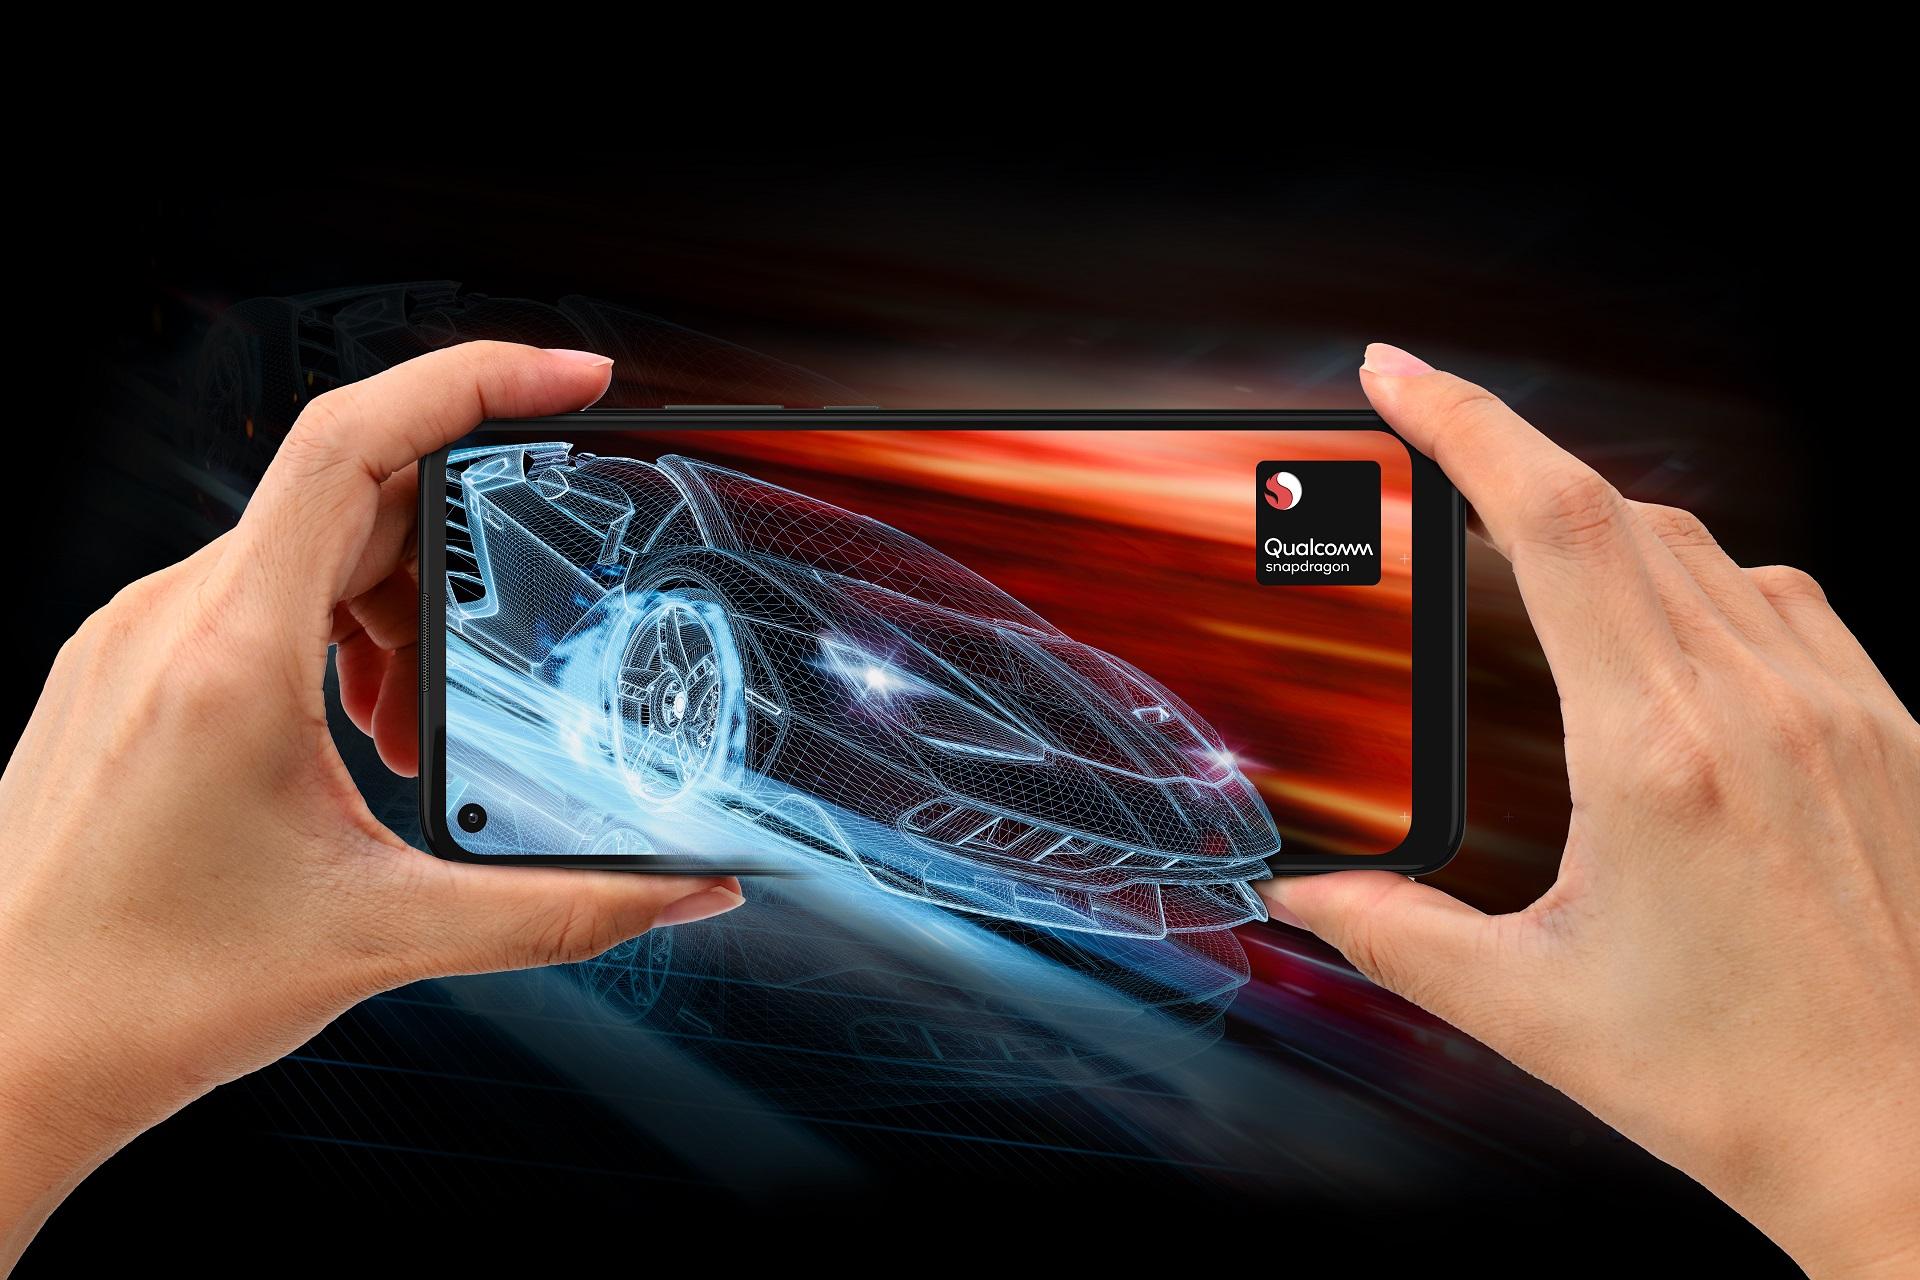 Qualcomm wciąż widzi miejsce na rynku dla flagowców bez zintegrowanych modemów 5G